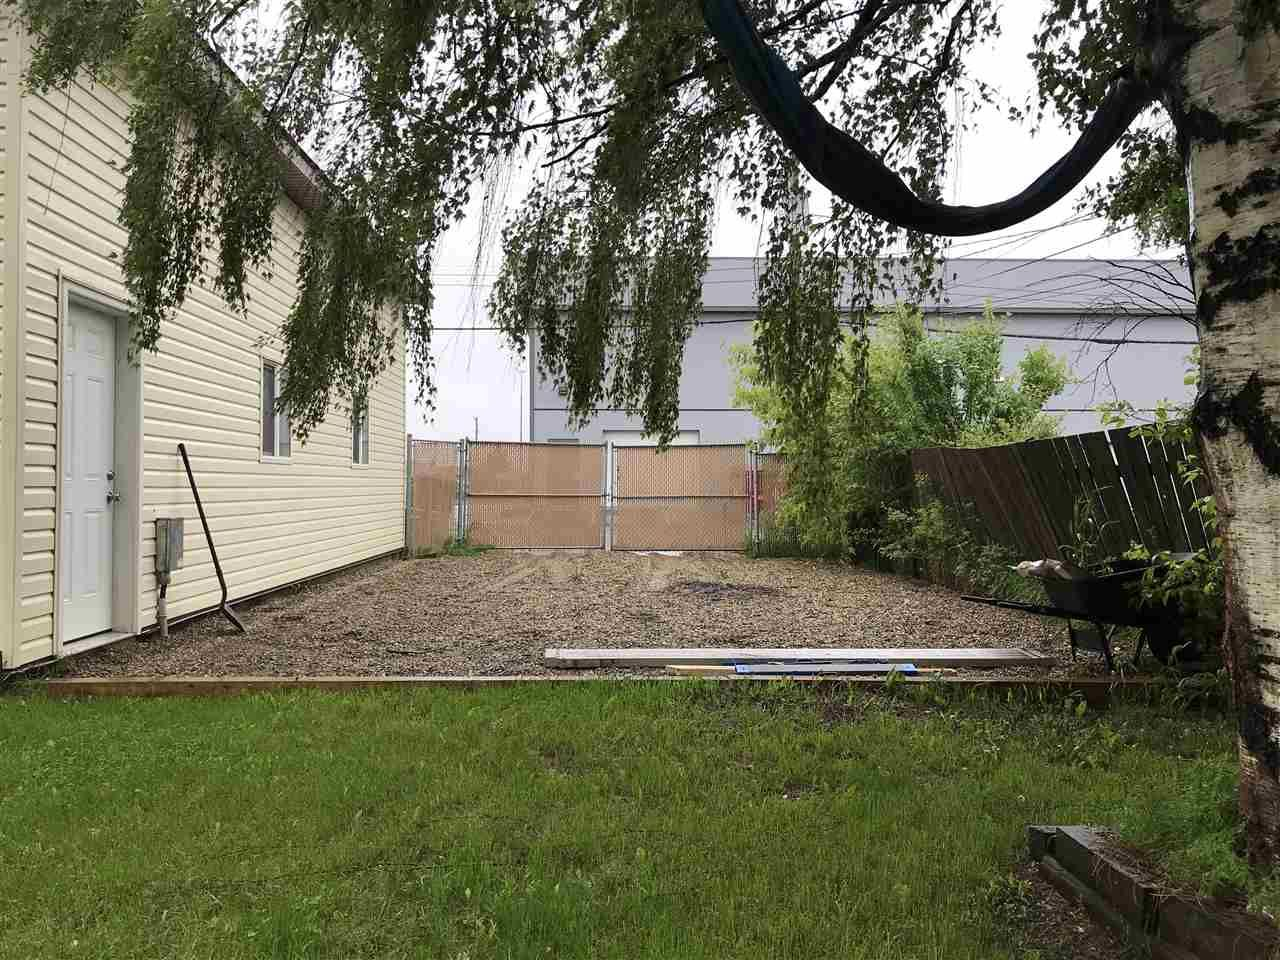 Photo 14: Photos: 9107 101 Avenue in Fort St. John: Fort St. John - City NE House for sale (Fort St. John (Zone 60))  : MLS®# R2465805